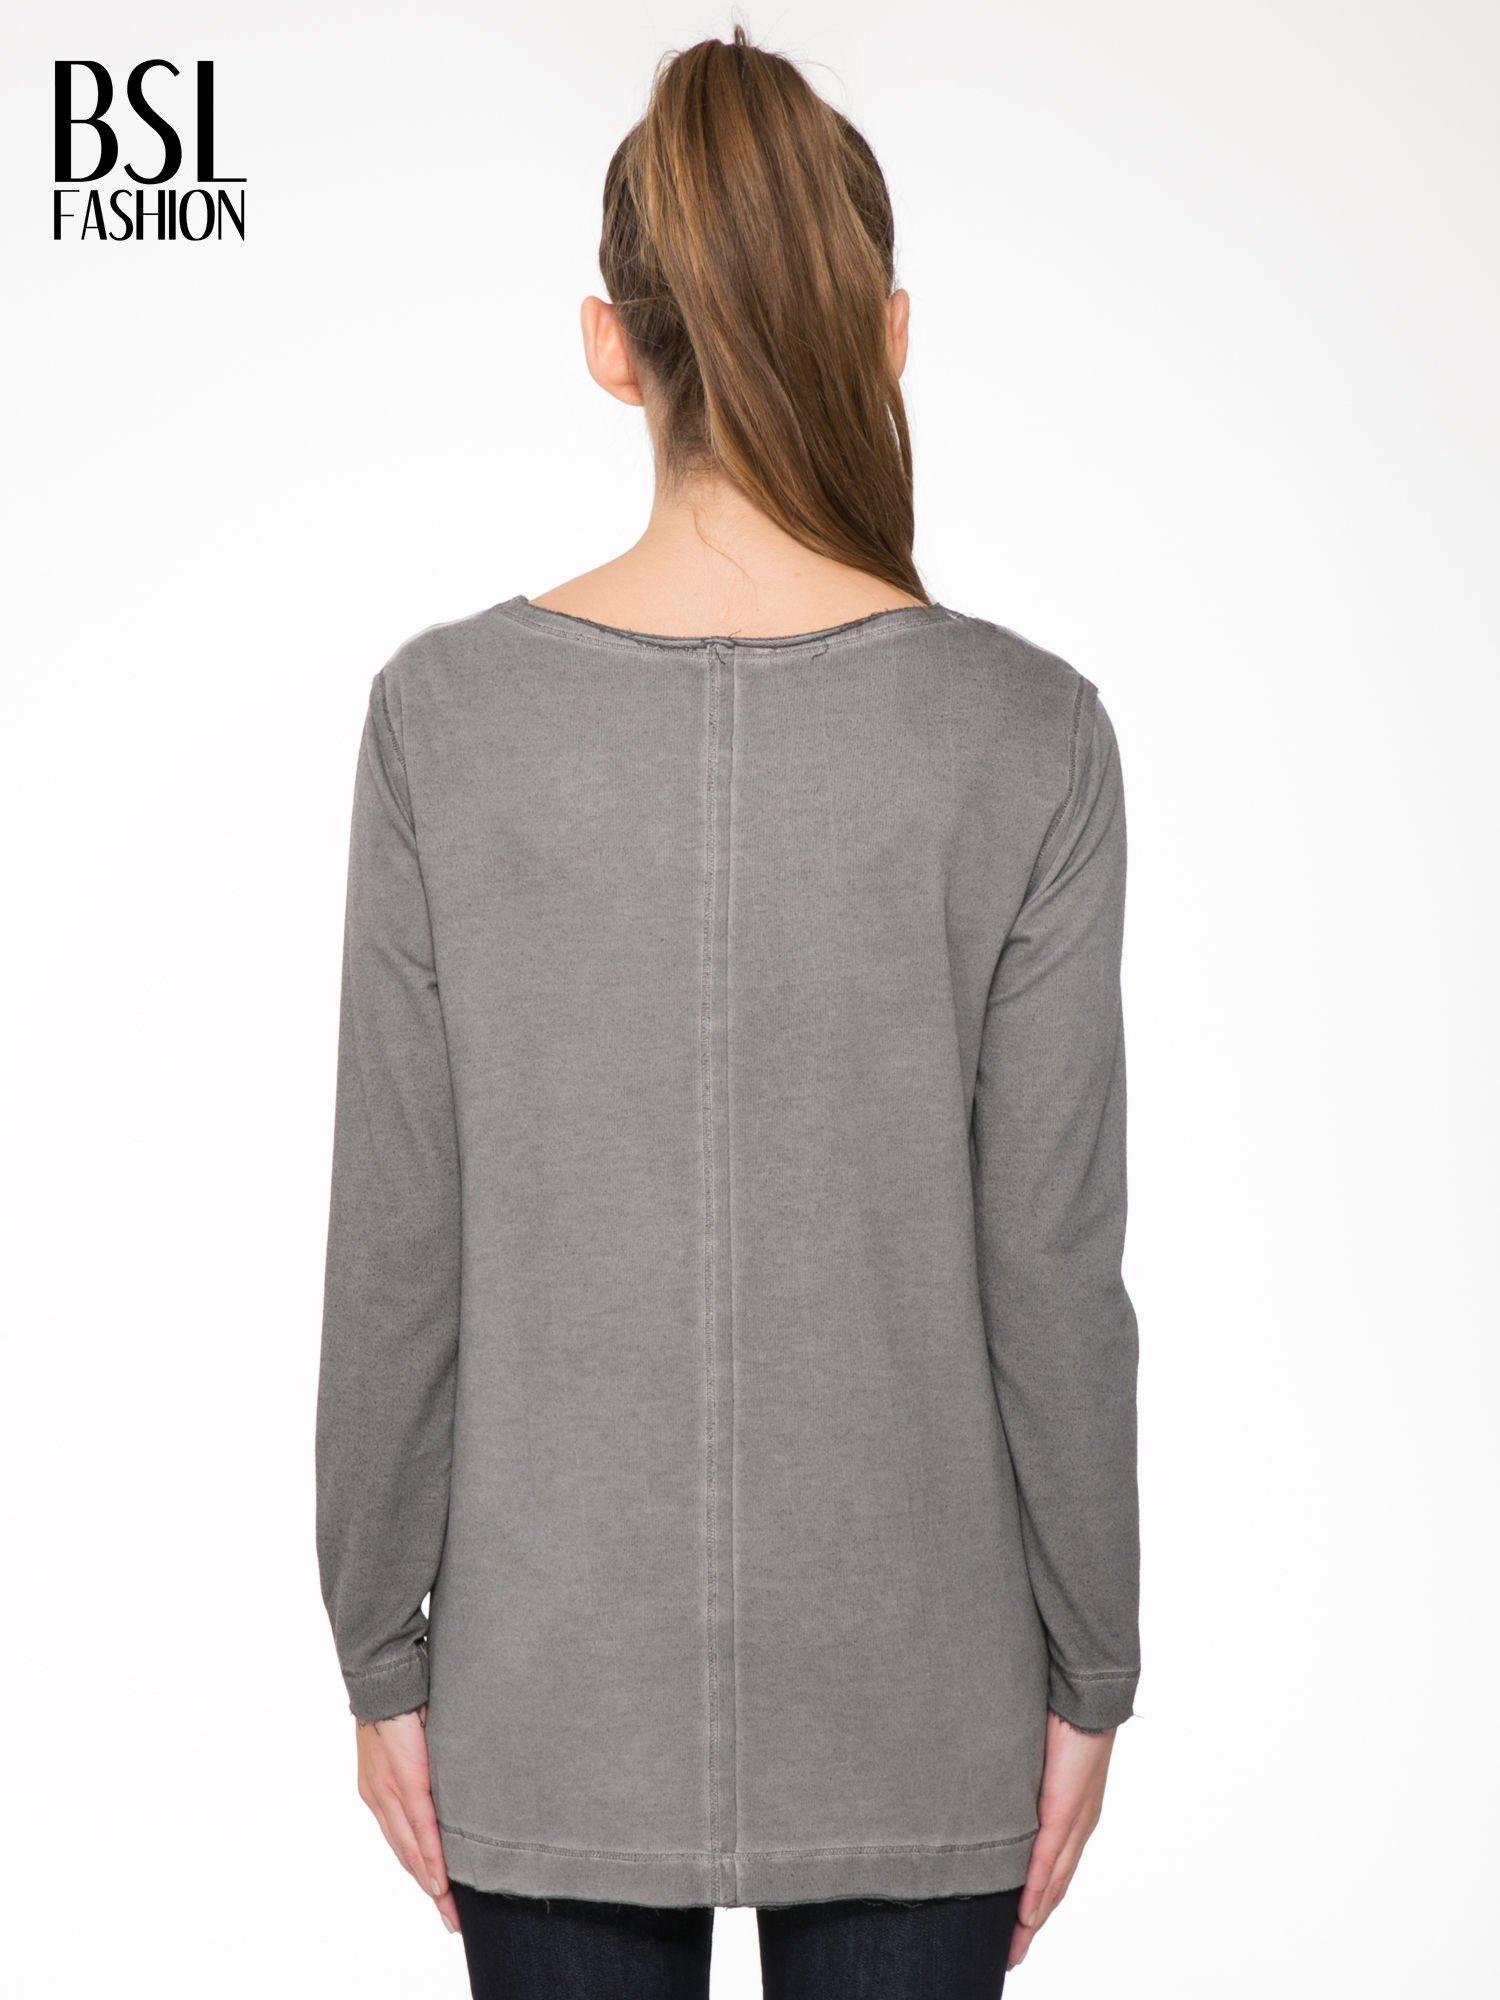 Szara bluza z surowym wykończeniem i widocznymi szwami                                  zdj.                                  4